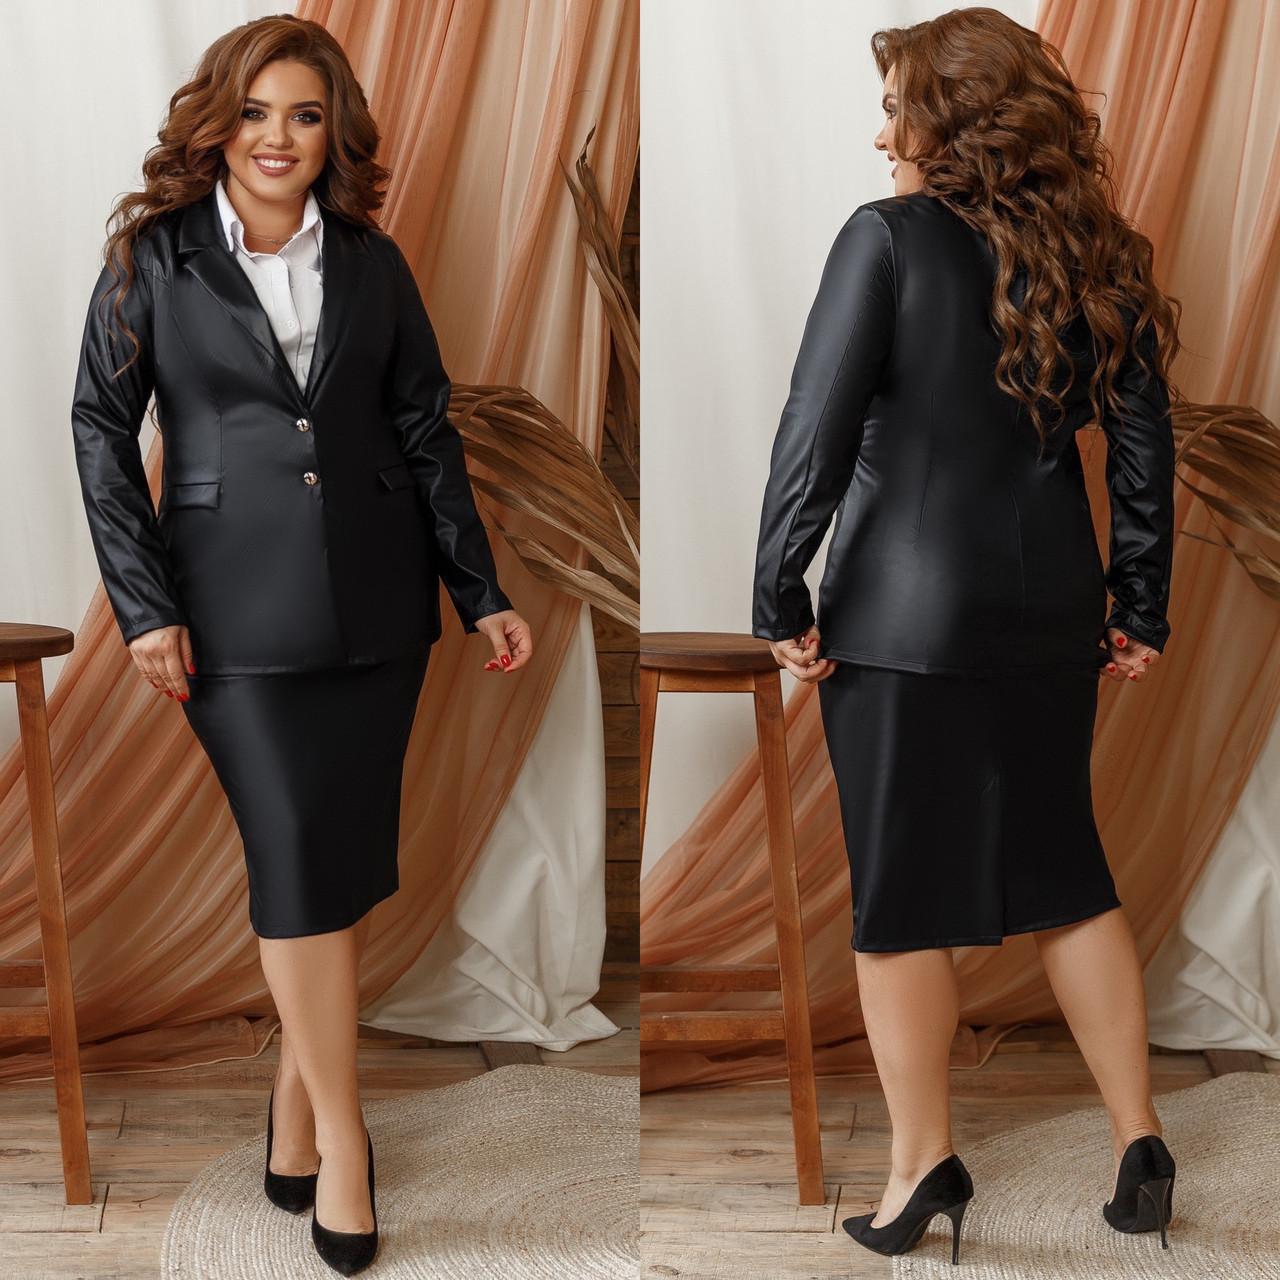 Женский стильный деловой костюм: прямая юбка и классический пиджак, батал большие размеры